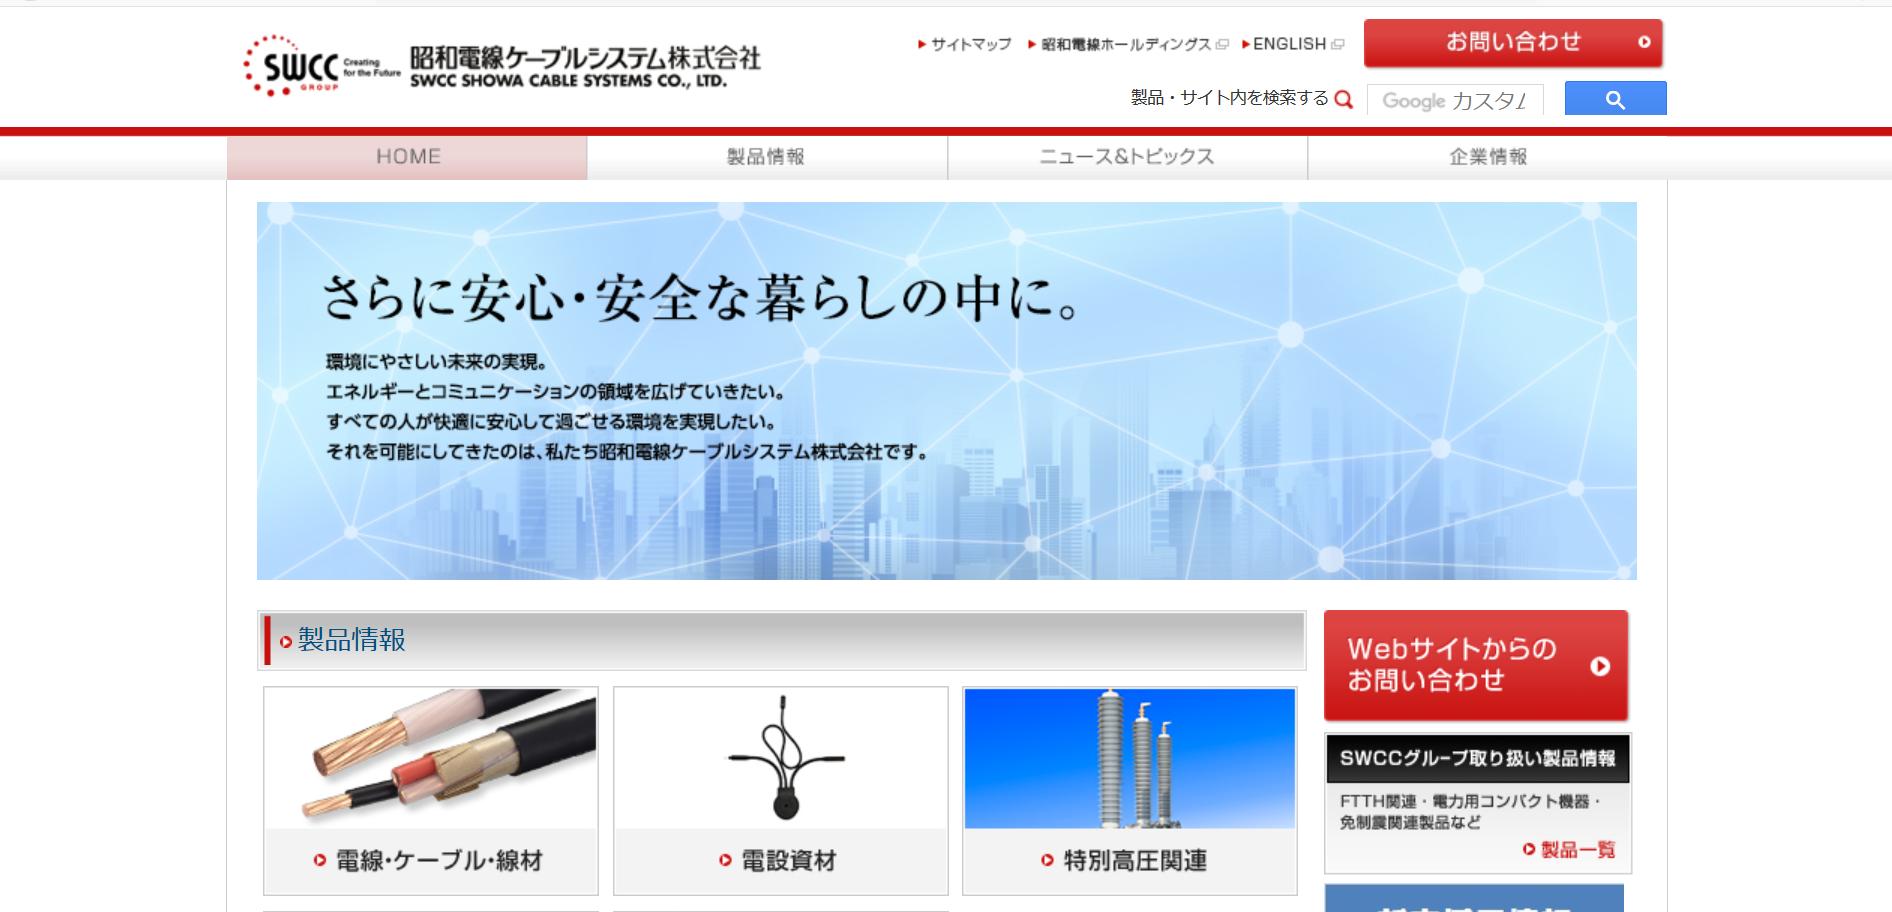 妻から見た昭和電線ケーブルシステムの評判・口コミは?